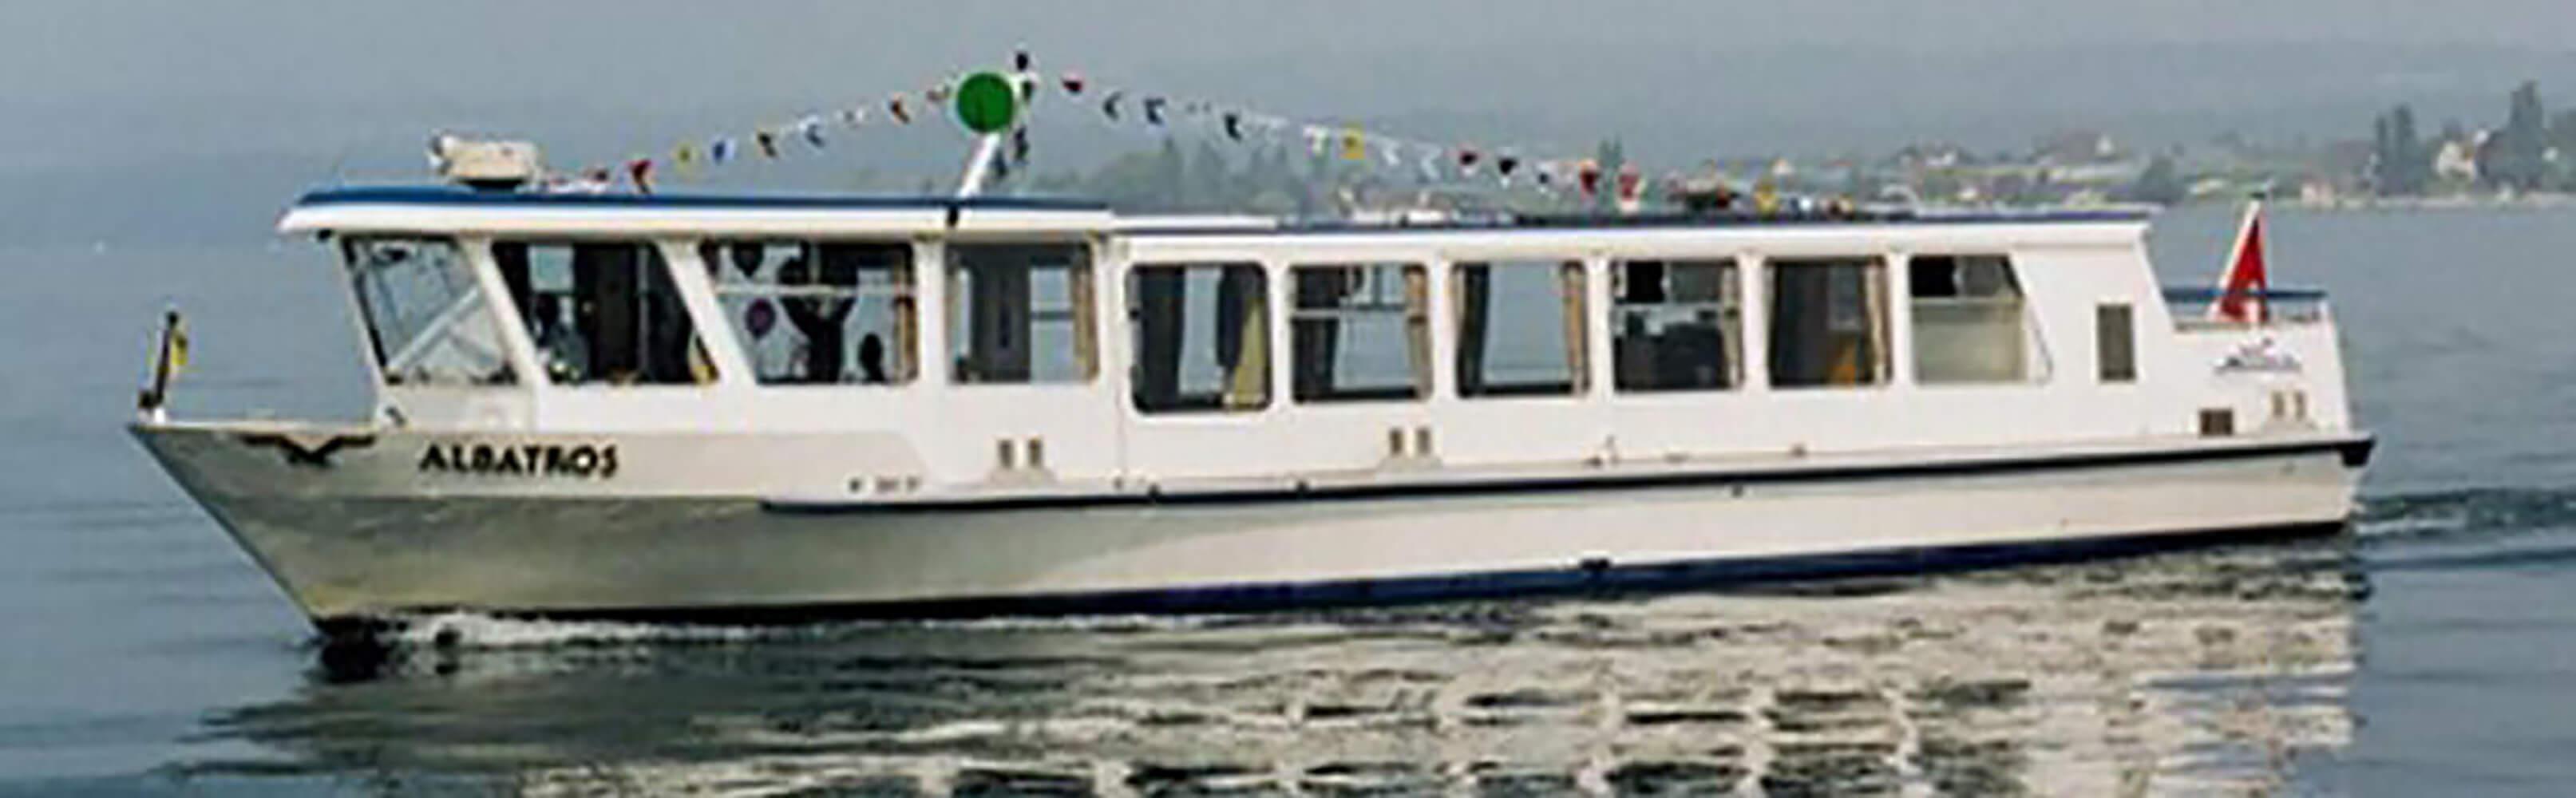 Stoll Schifffahrten AG